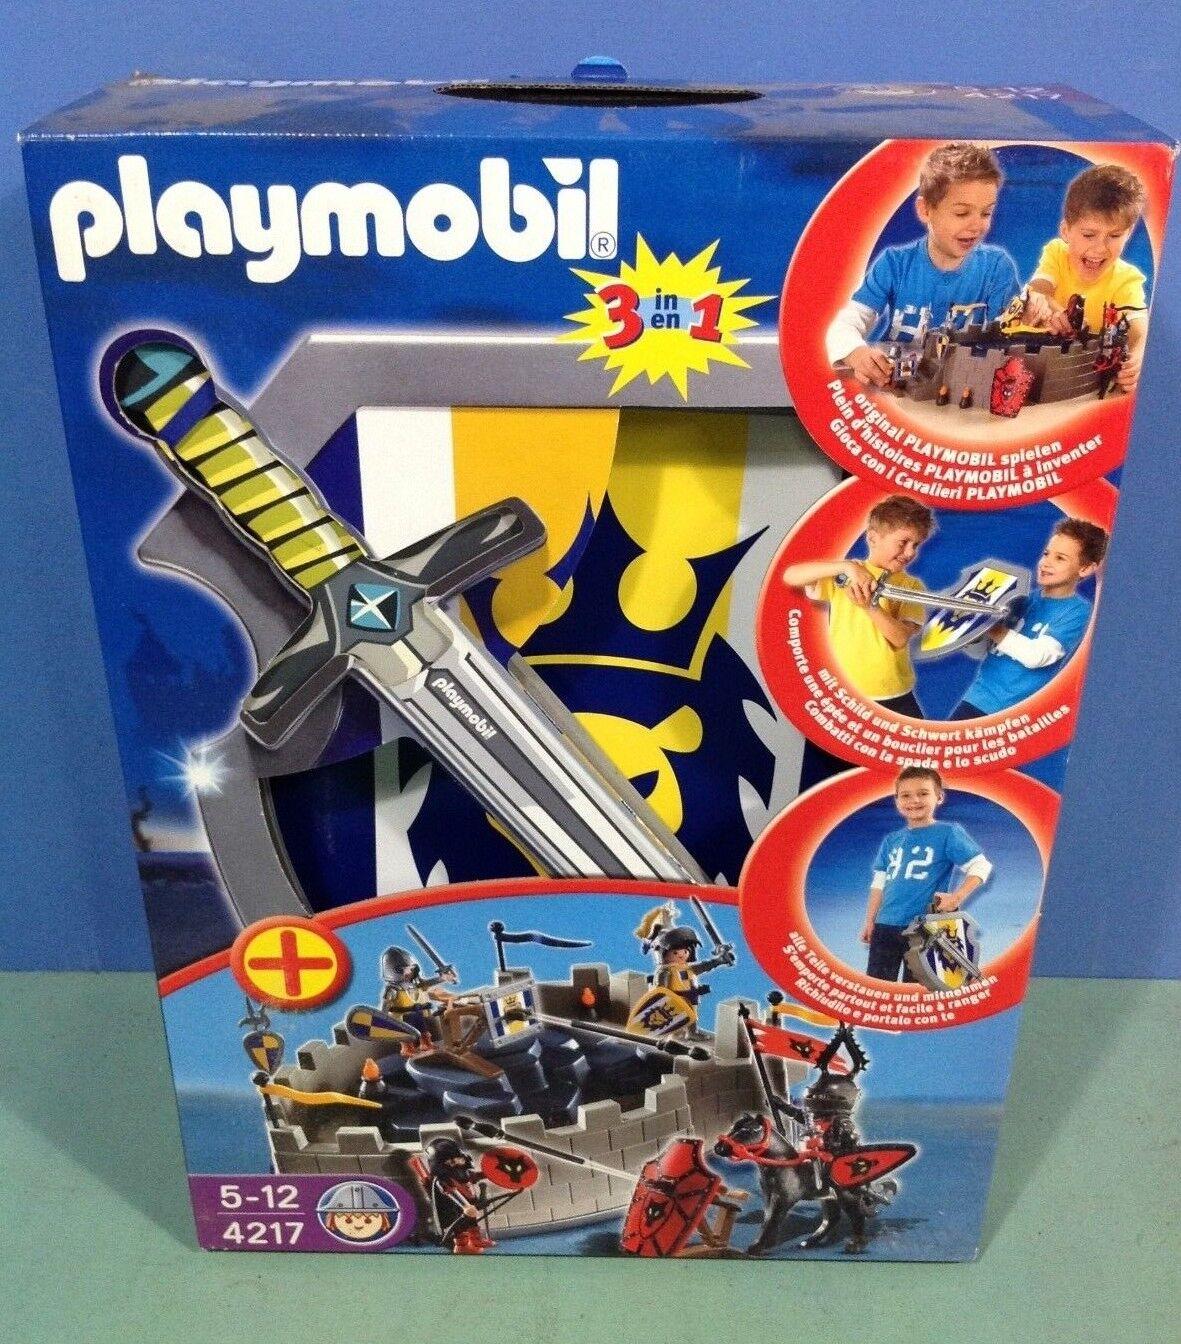 (P4217) playmobil Set chevalier transportable ref 4217 en boite neuve année 2008